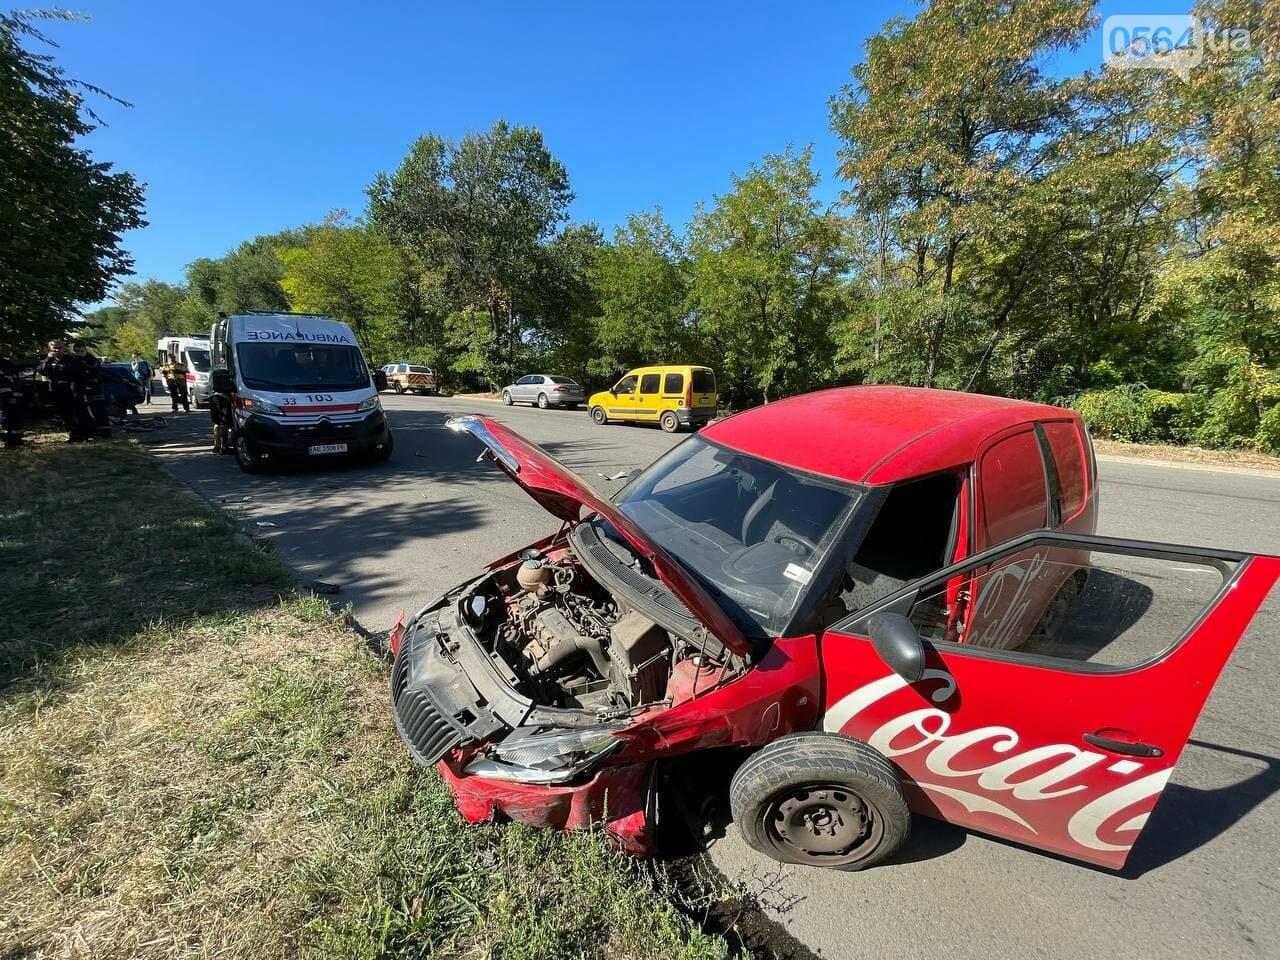 Два человека пострадали в аварии возле объездной дороги в Кривом Роге, - ФОТО, фото-7